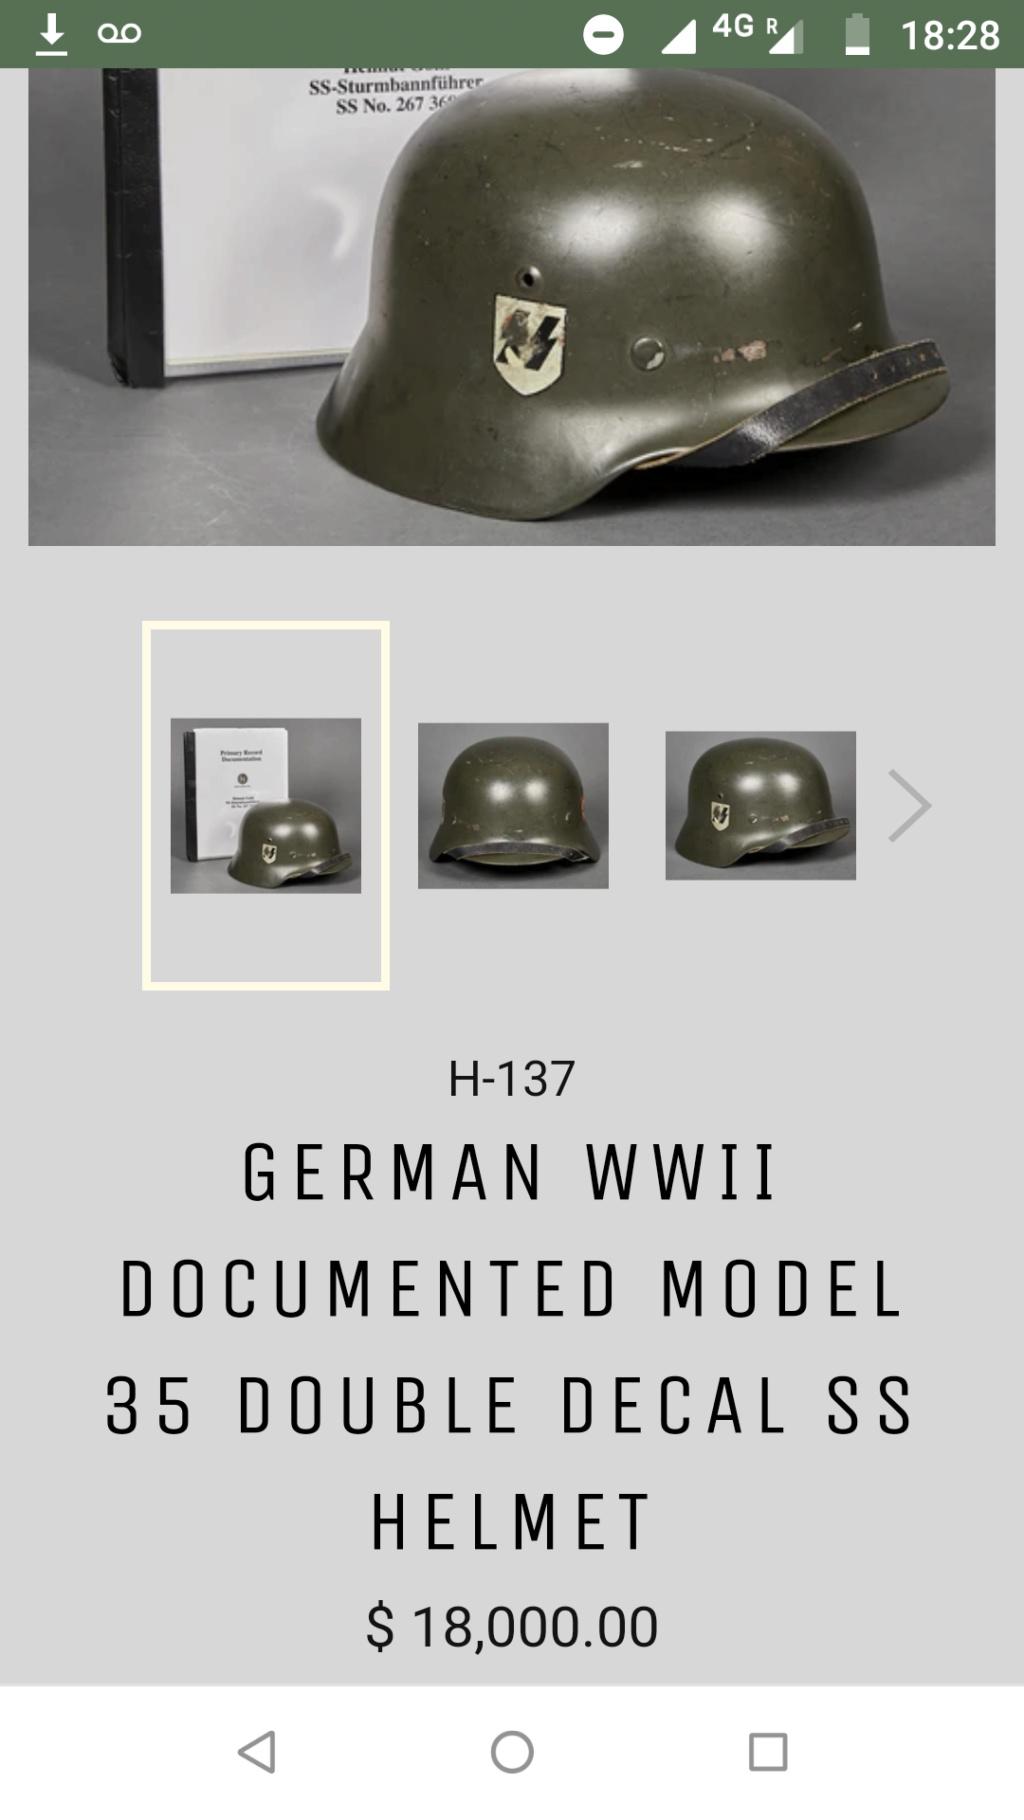 Prix d'un casque Allemand ww2 aux encheres - Page 2 Scree147